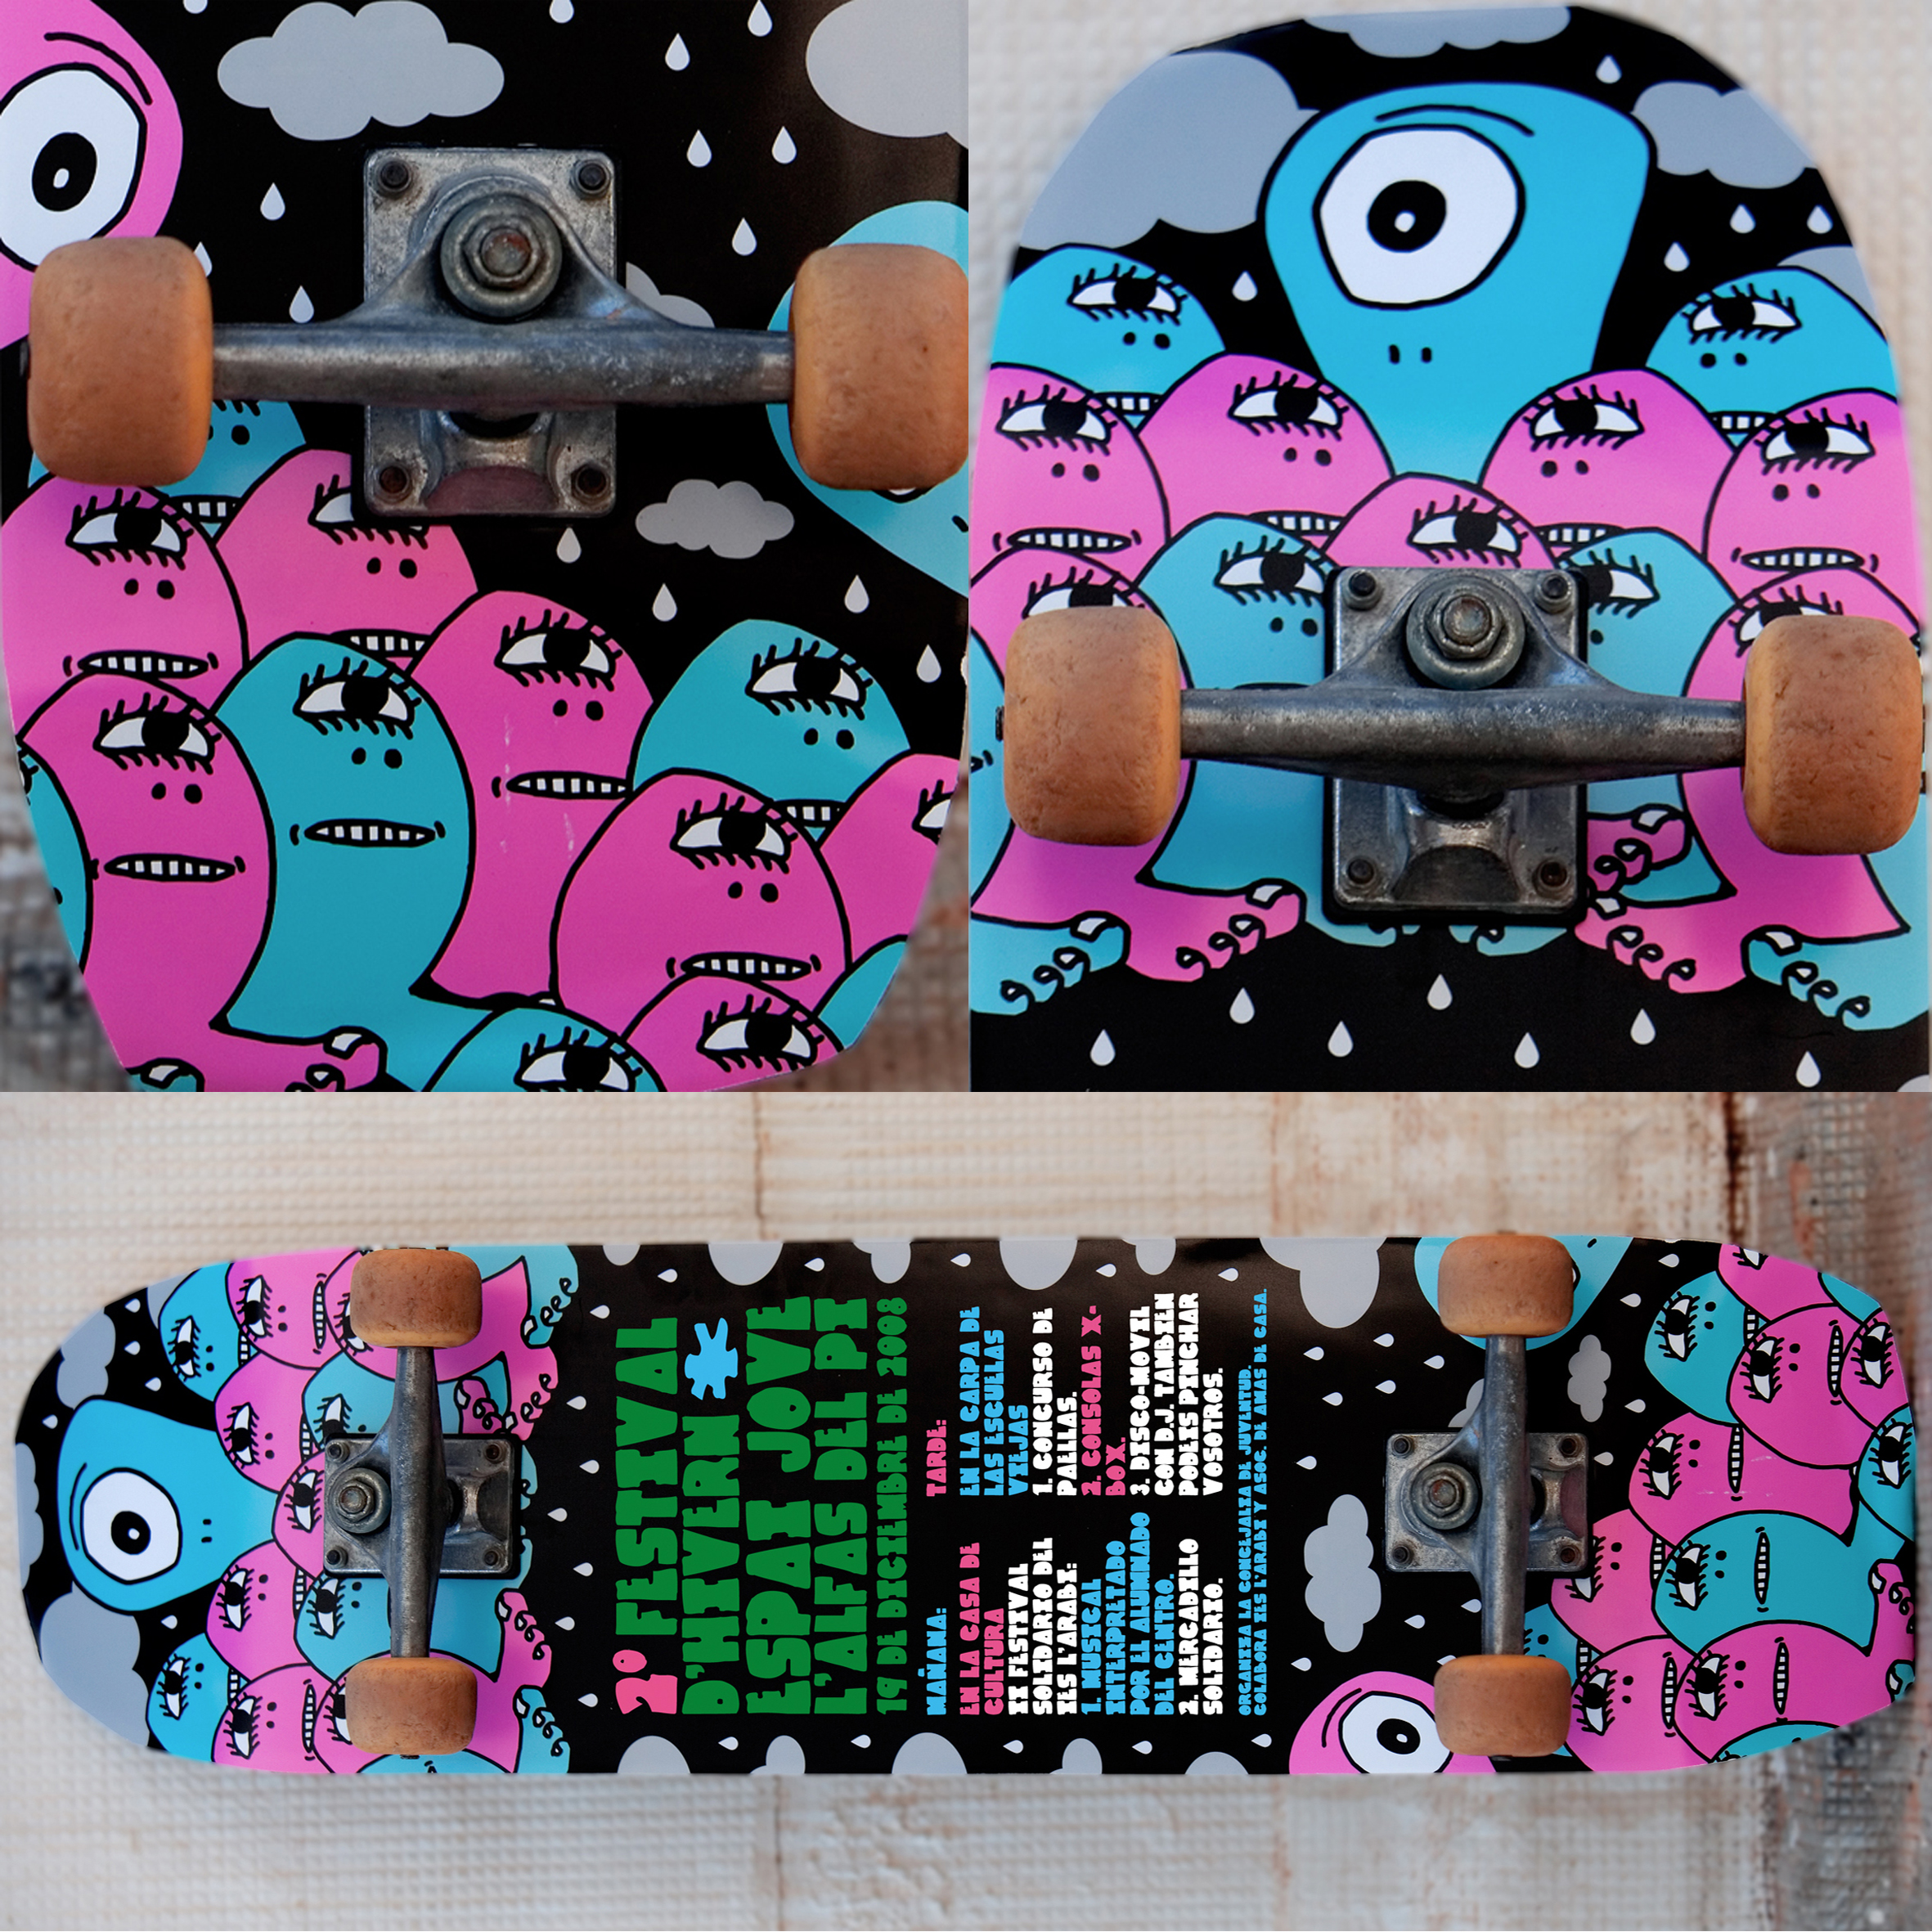 skate detalles